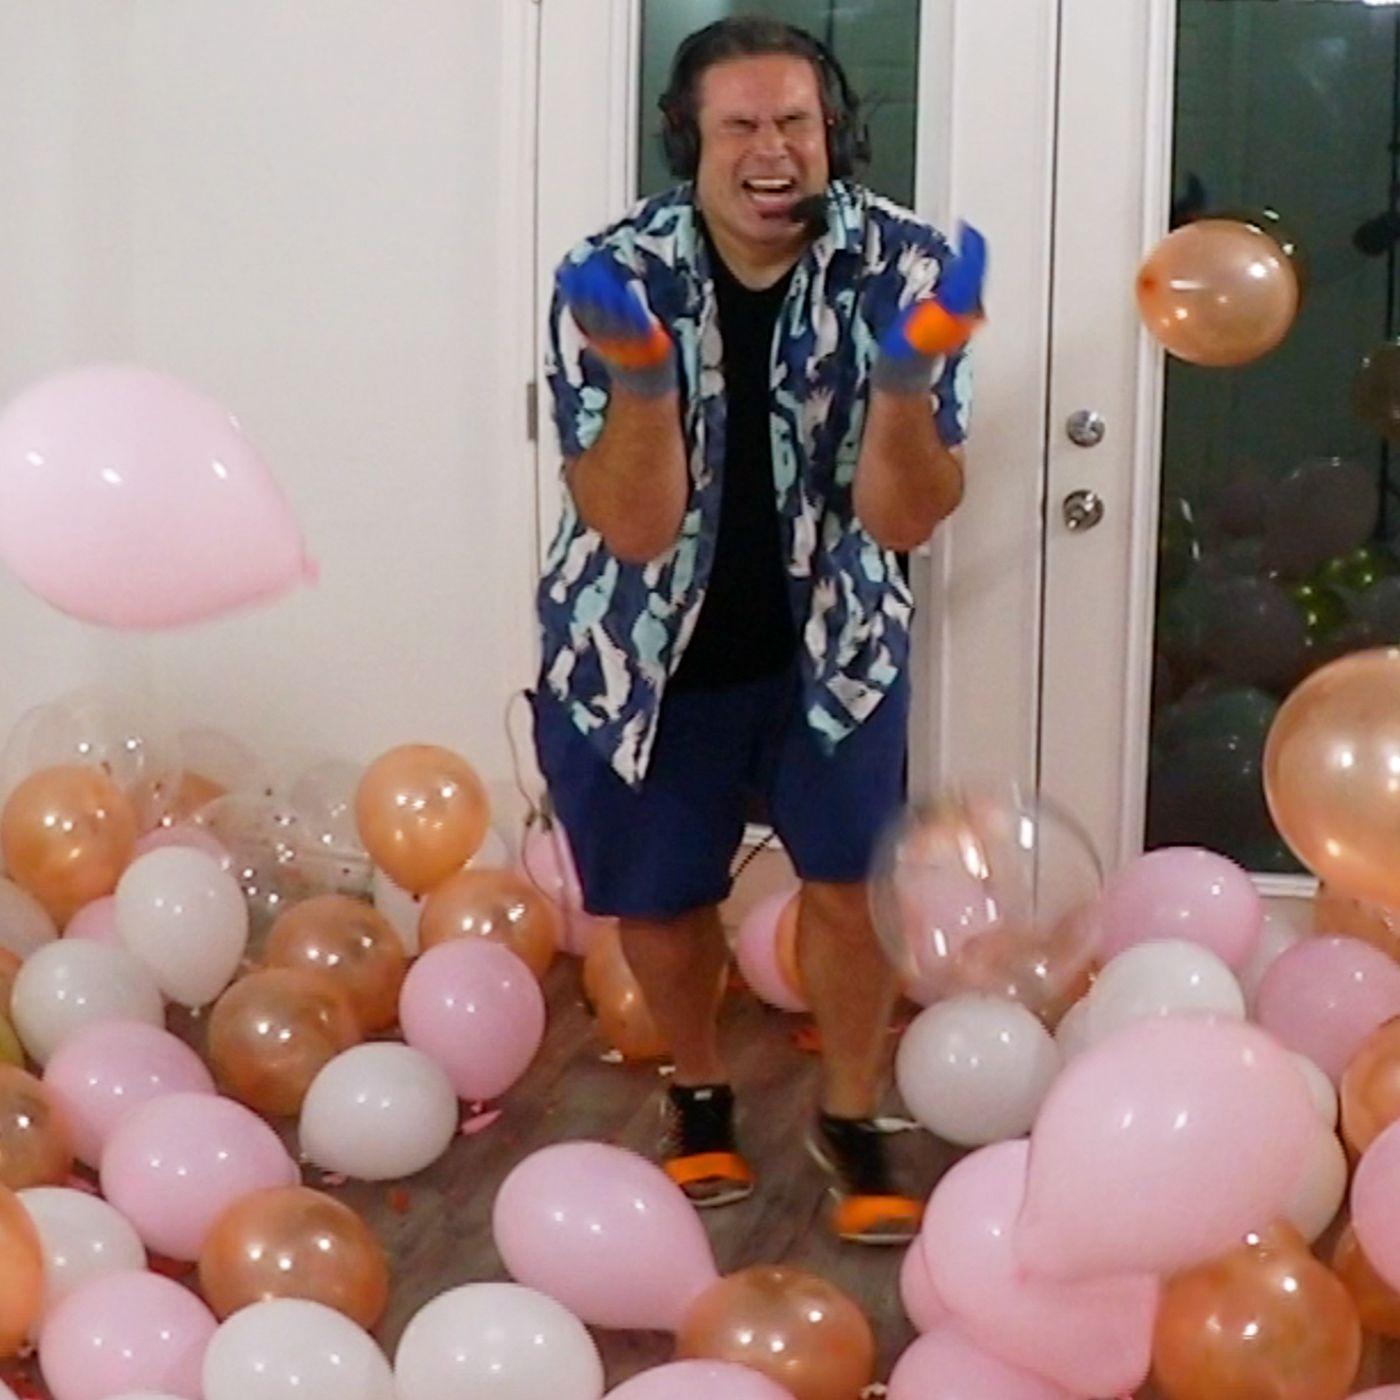 Full Show: The 600 balloon scavenger hunt